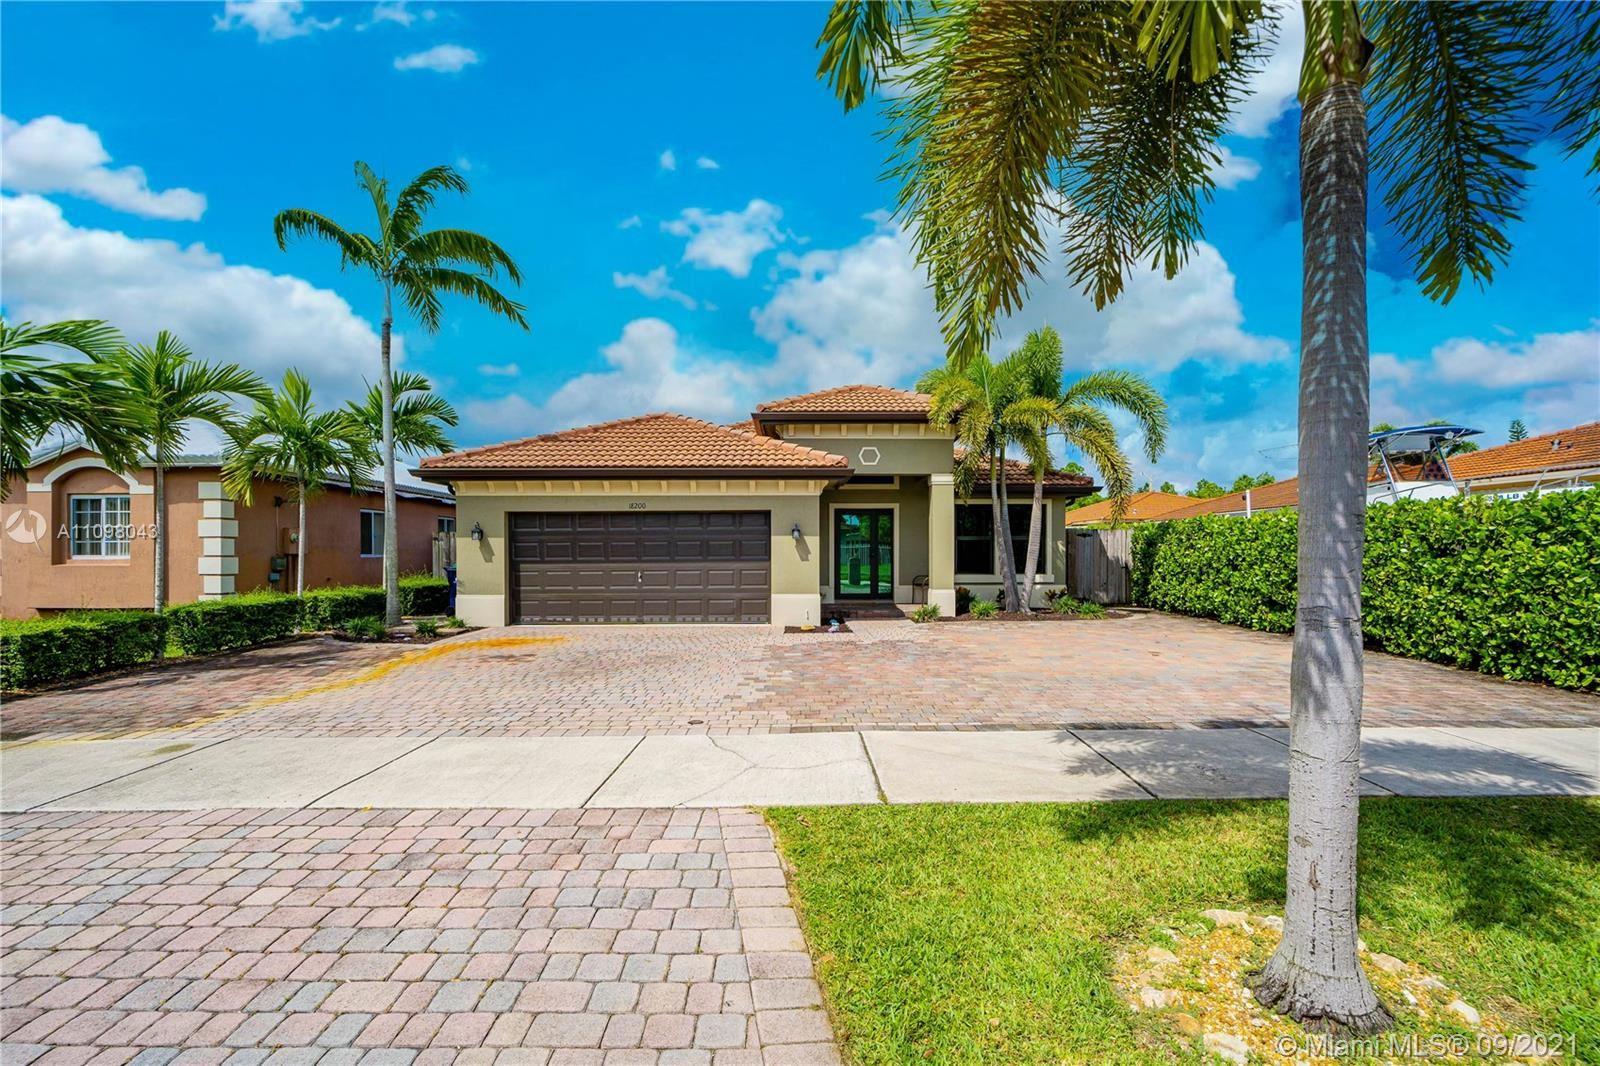 18200 SW 139th PL, Miami, FL 33177 - #: A11098043